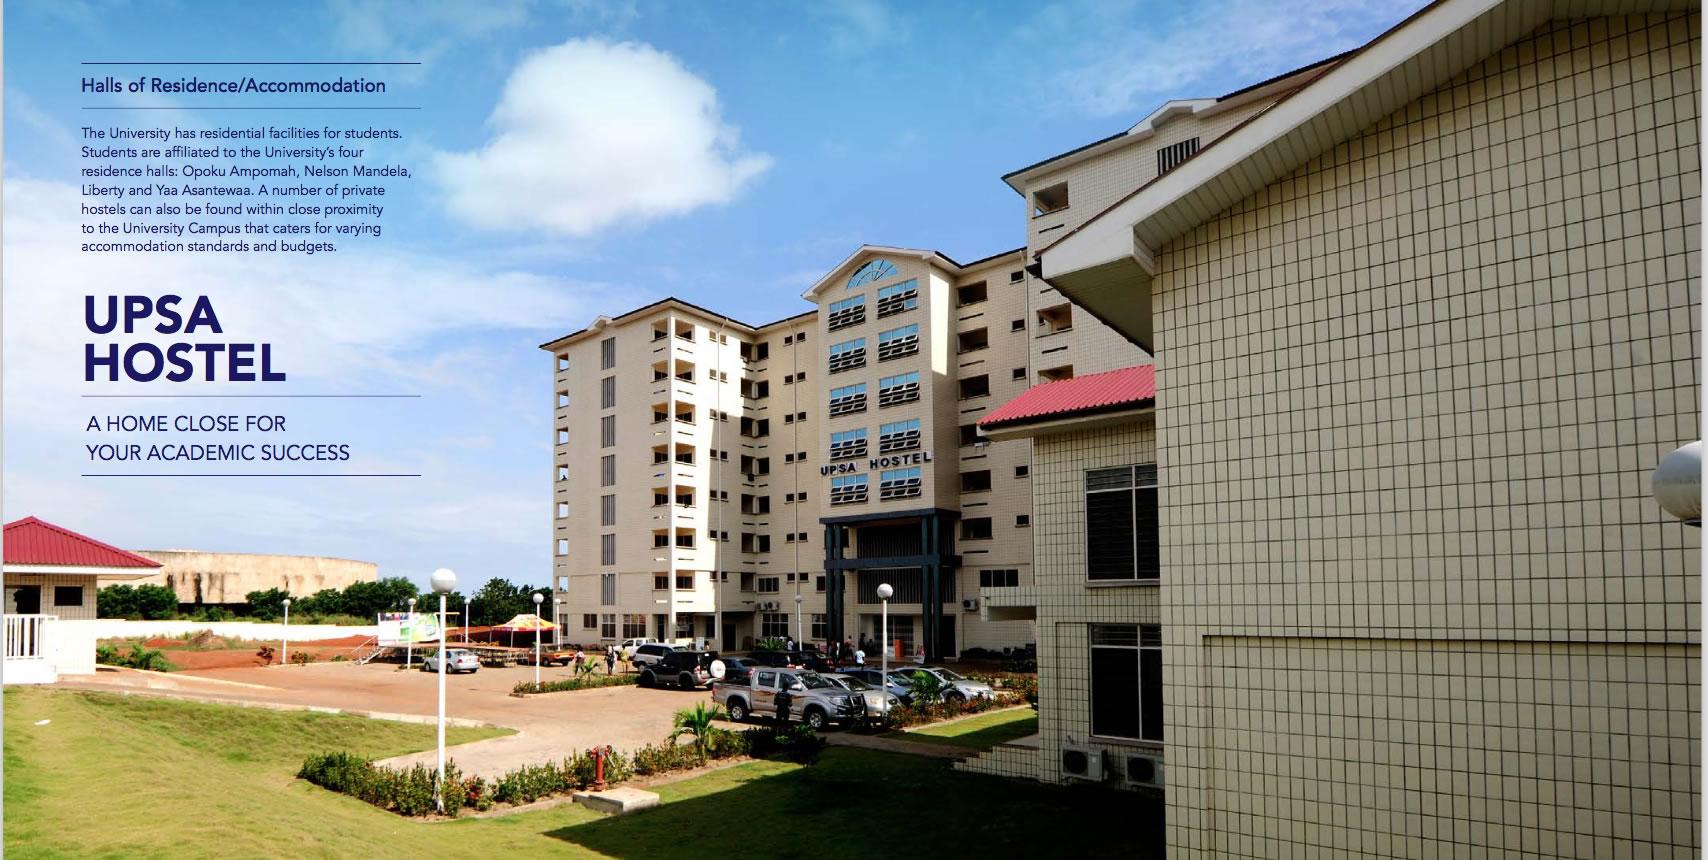 UPSA Hostel Booking Procedures